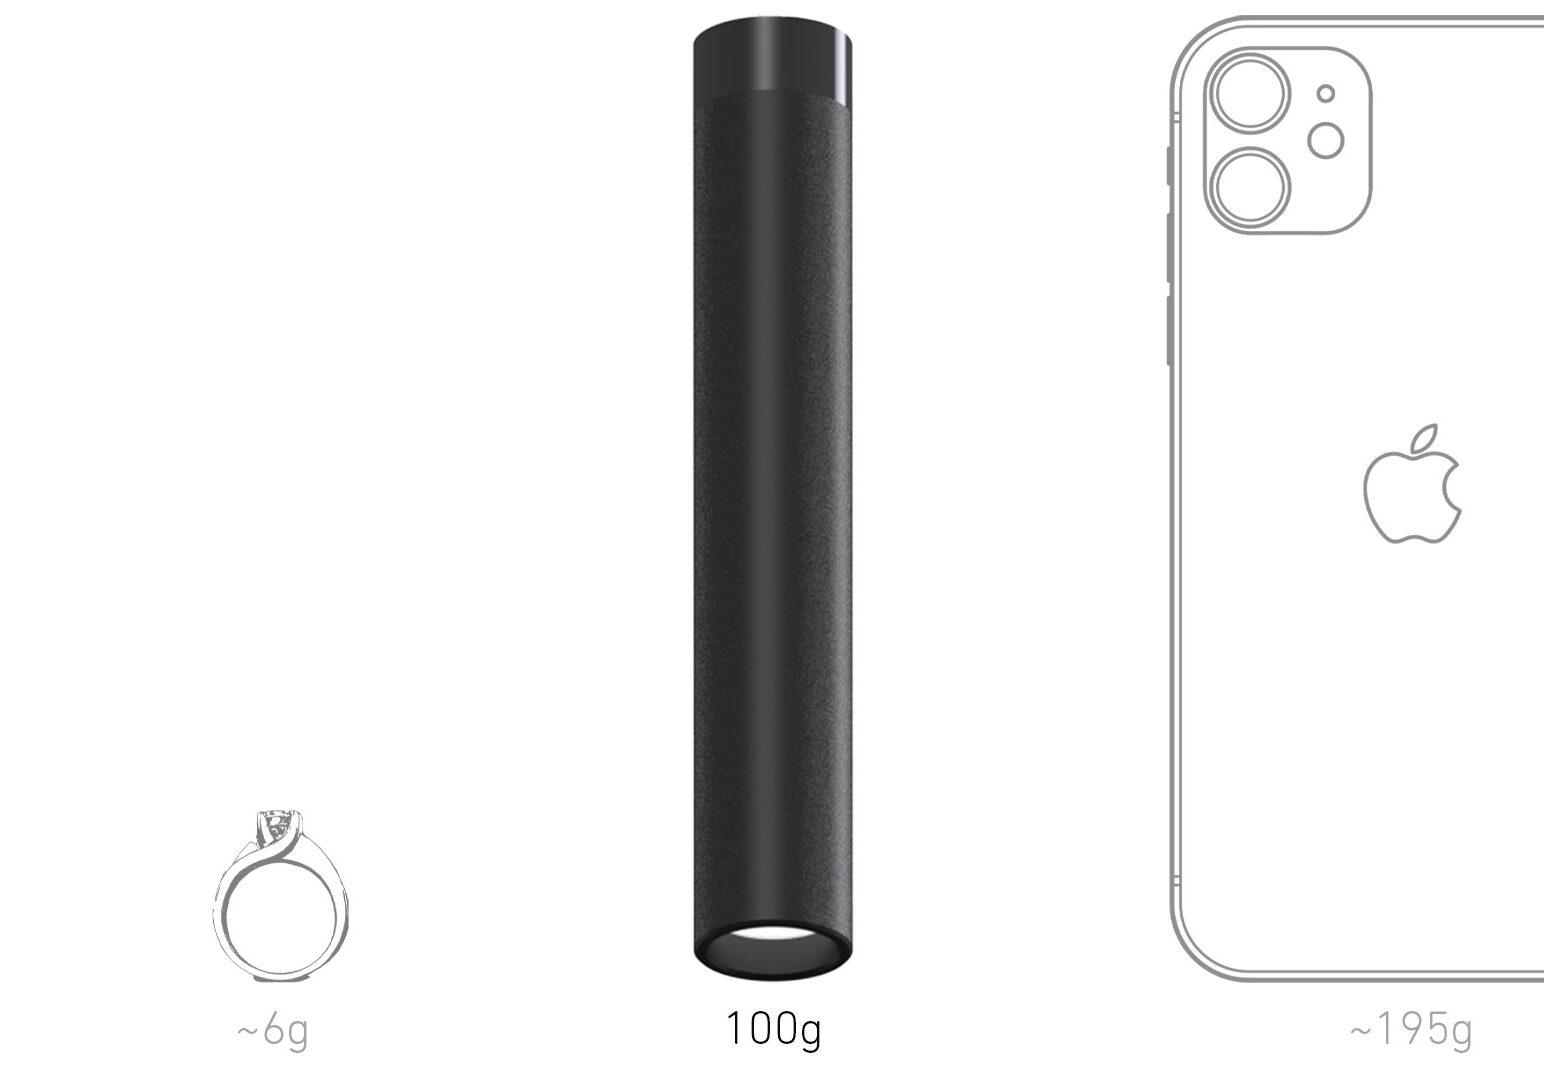 LED Puck AIR size comparison